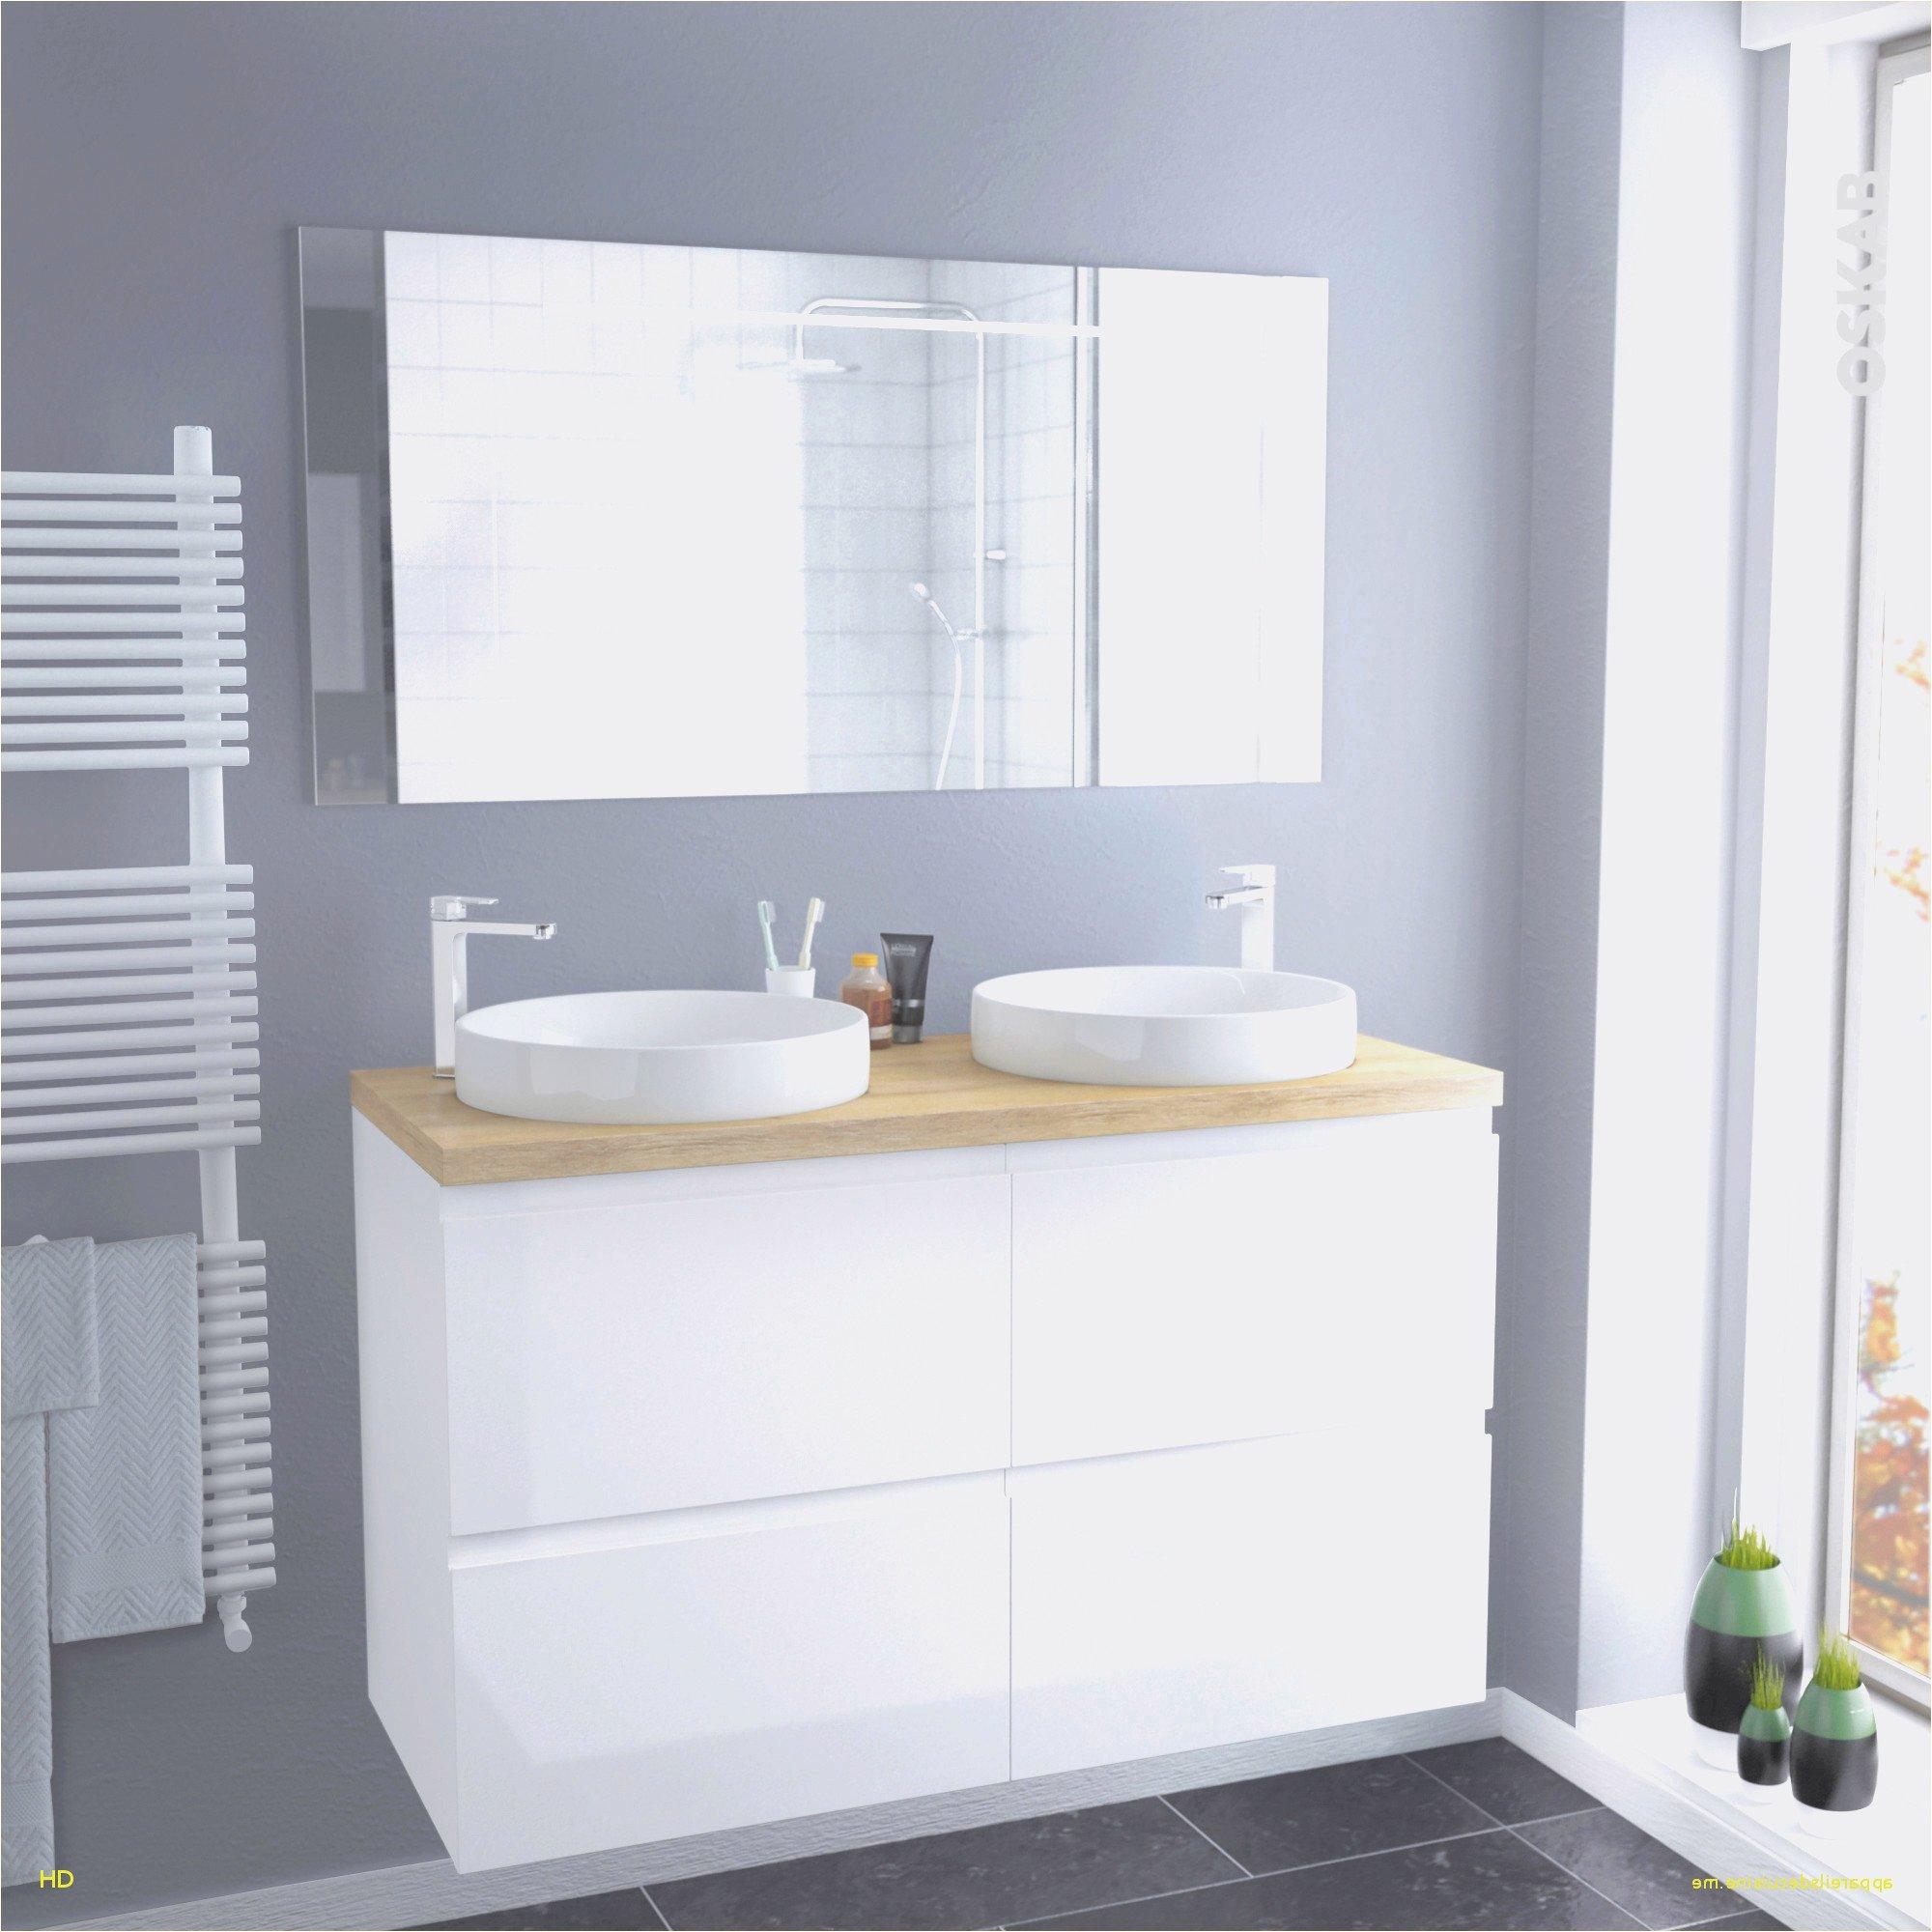 Armoire De toilette Miroir Leroy Merlin Inspirant Galerie Armoire De toilette but